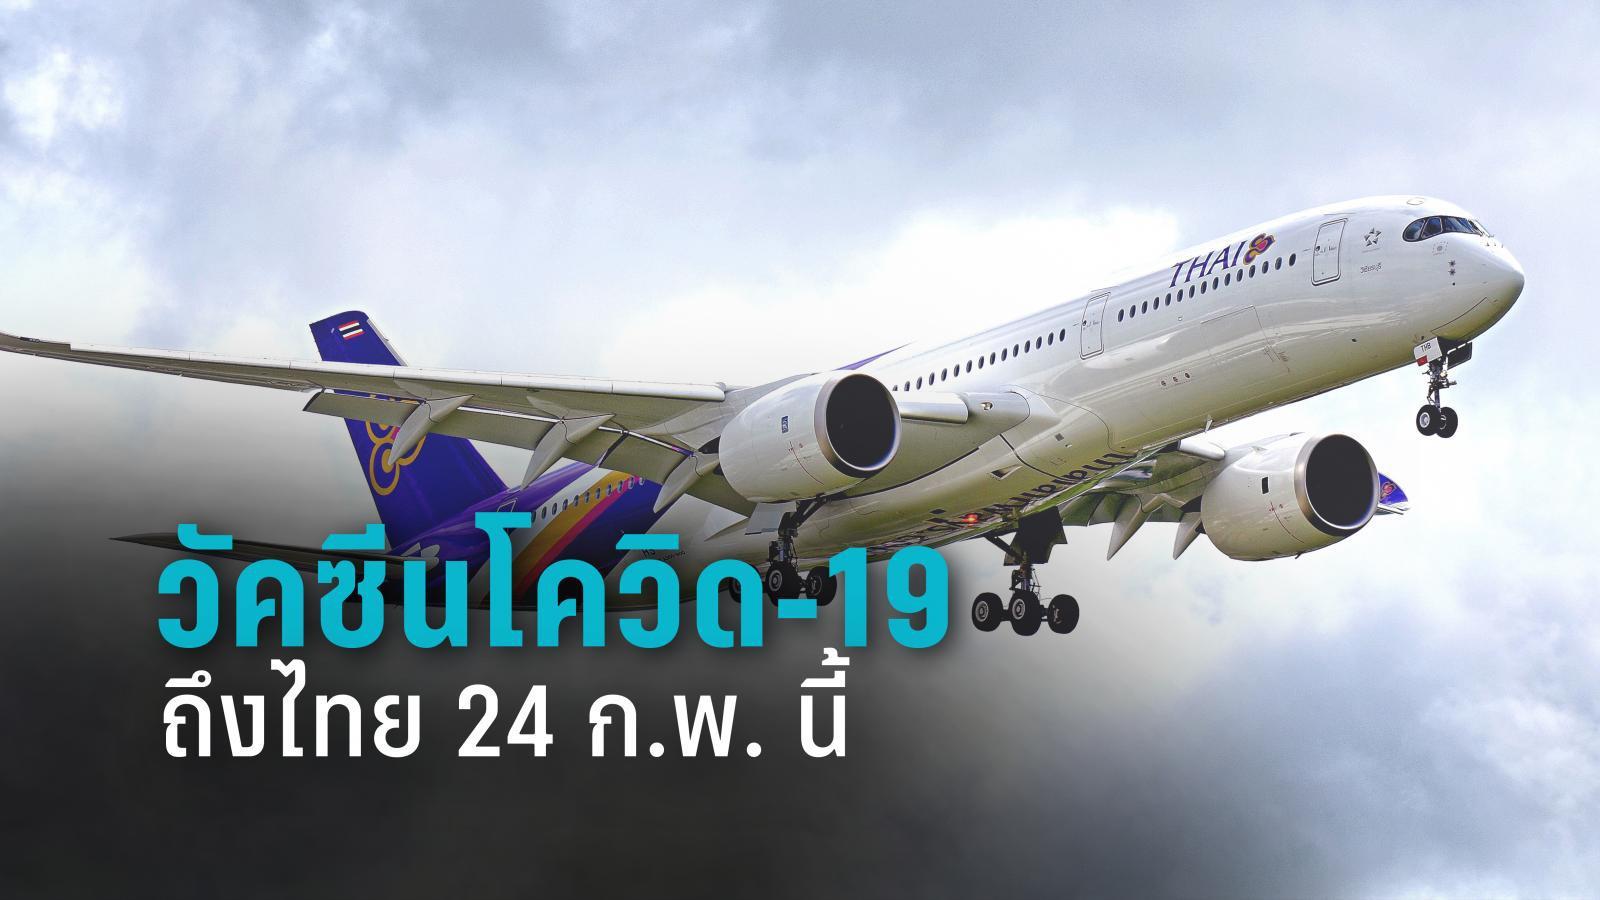 การบินไทย ขนวัคซีนโควิด-19 ล็อตแรก 2 แสนโดสถึงไทย 24 ก.พ. นี้